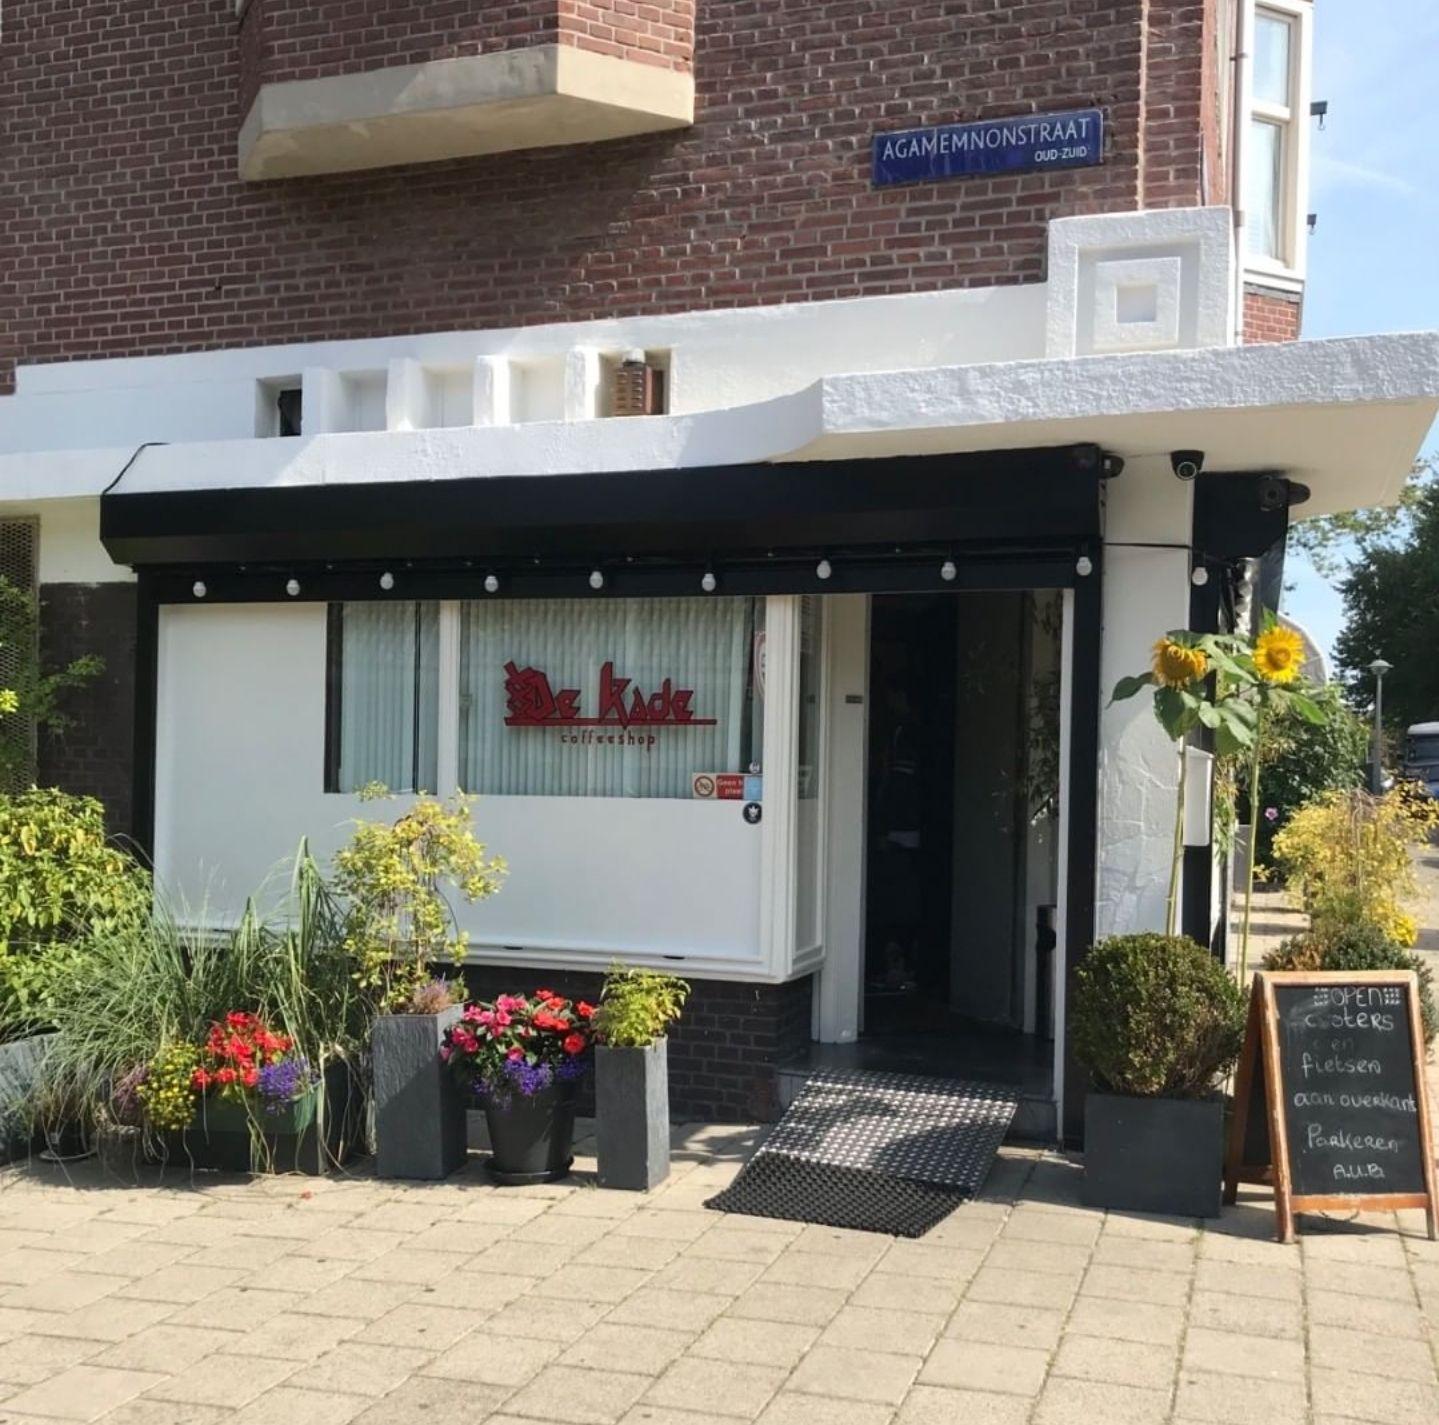 De Kade Amsterdam